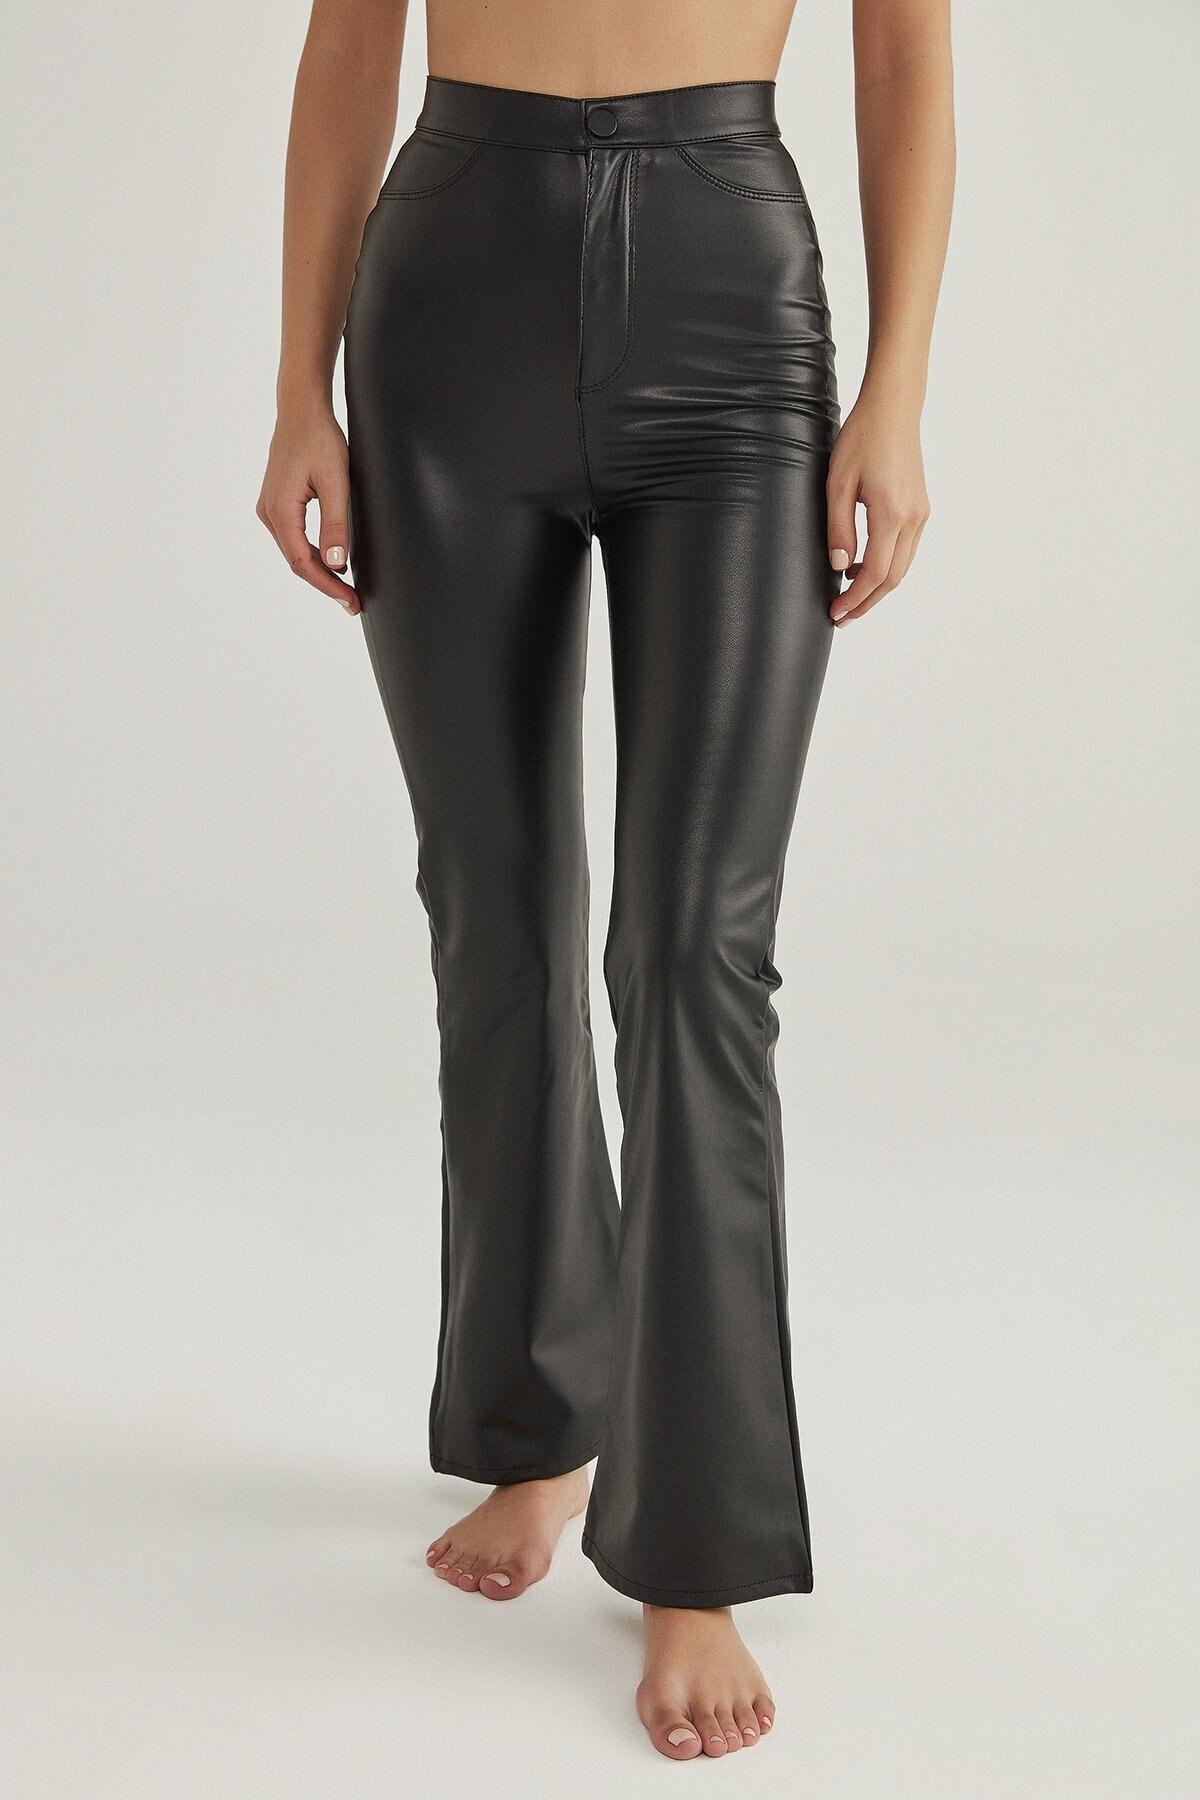 Penti Kadın Siyah Siyah Deri Görünümlü Flare Pantolon